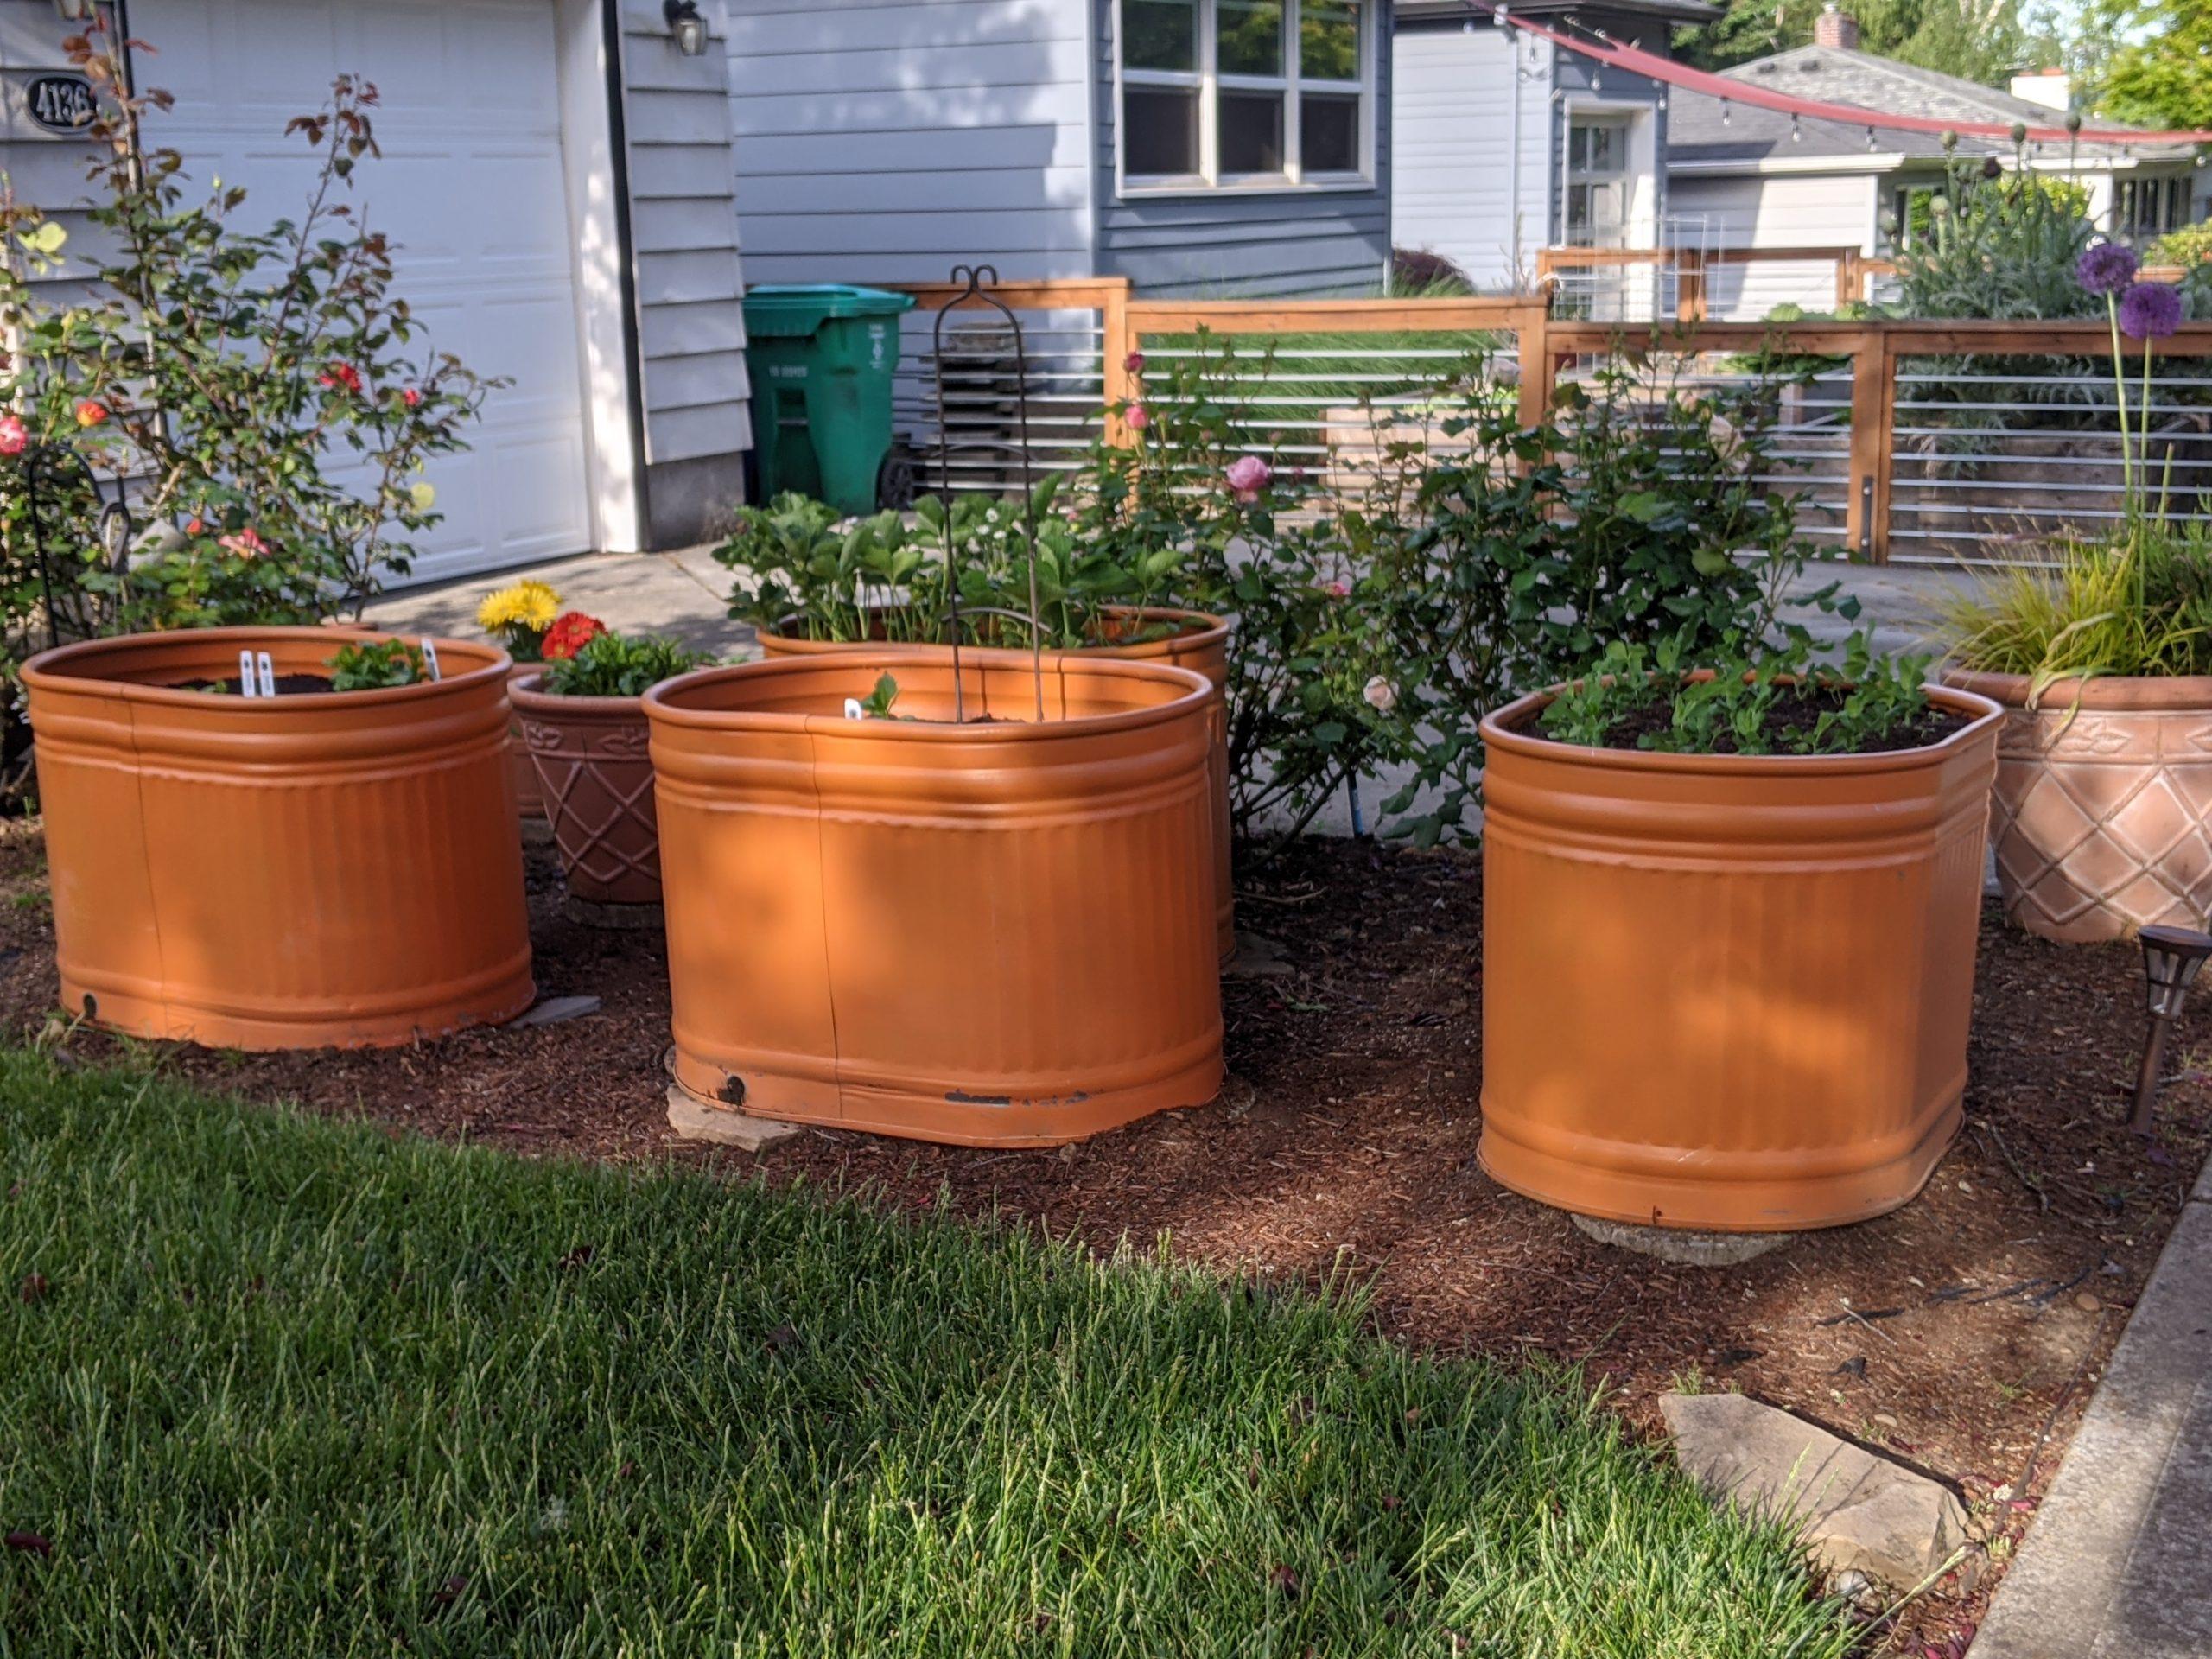 vegetables grow in orange watering troughs